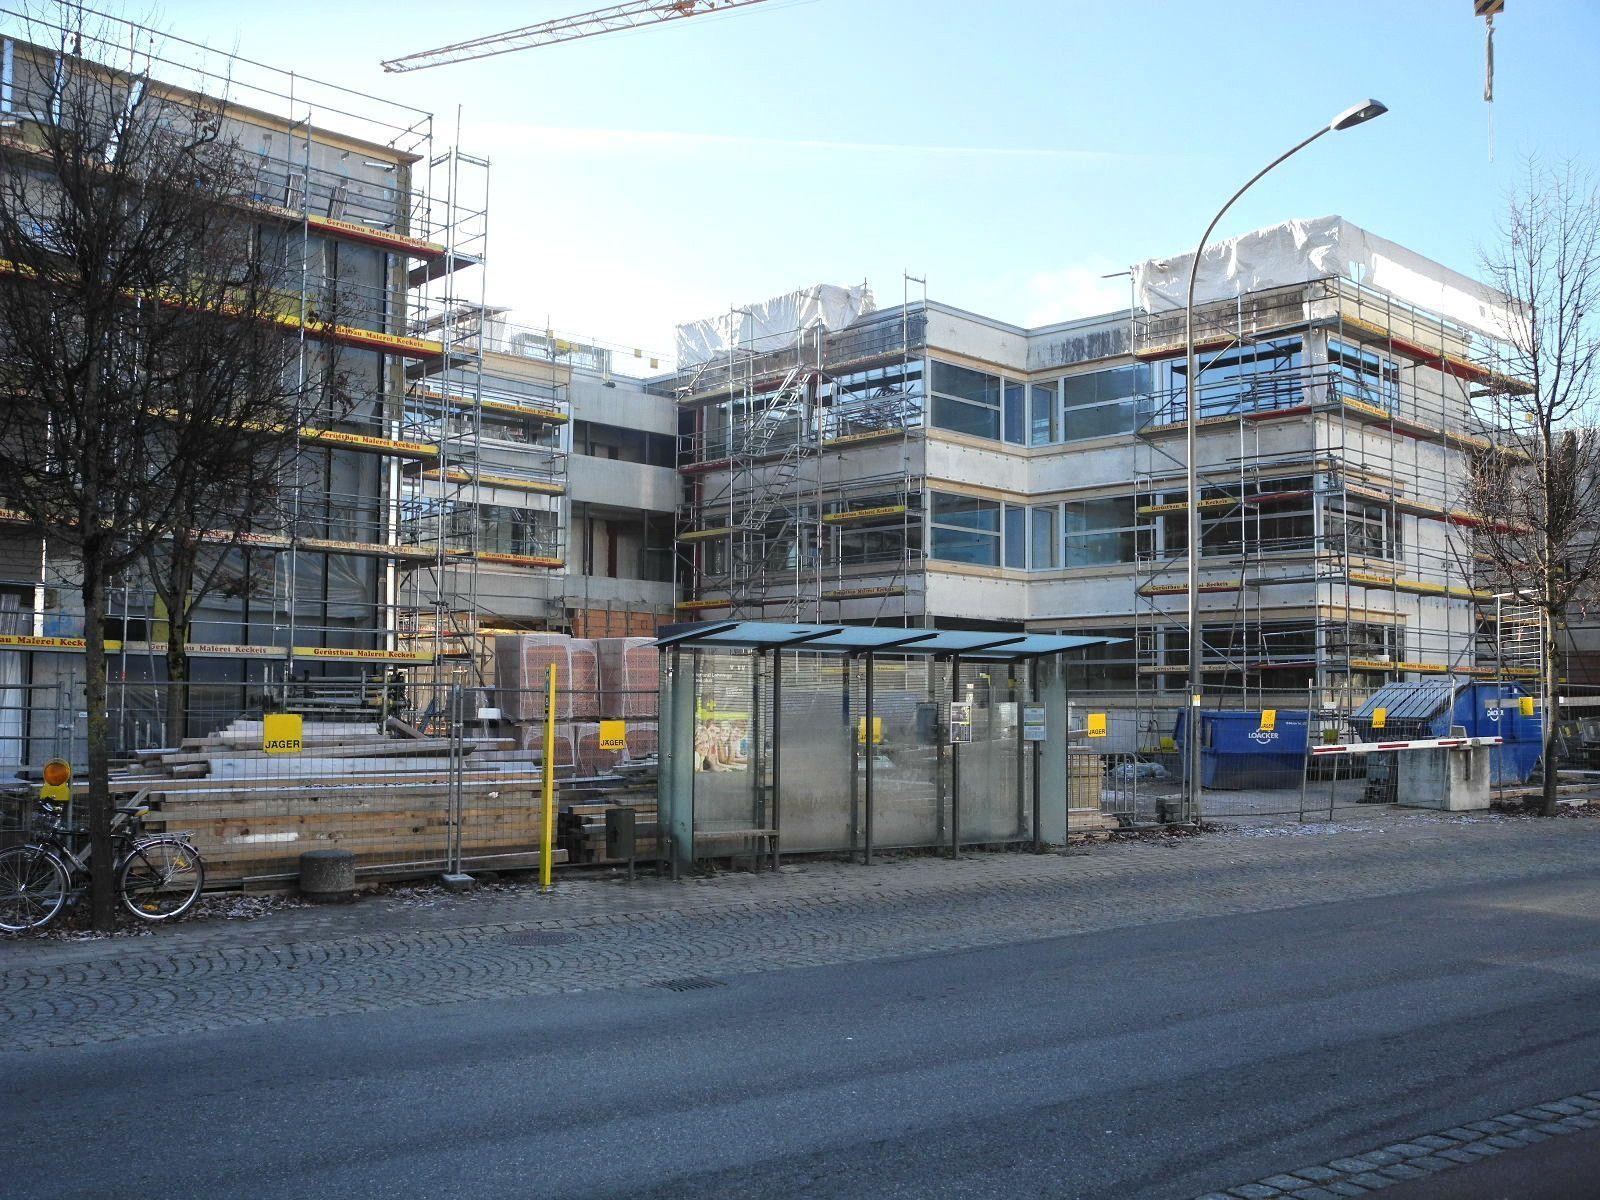 Der Baukörper der Mittelschule umfaßt rechts die Doppelturnhalle und links den Klassentrakt